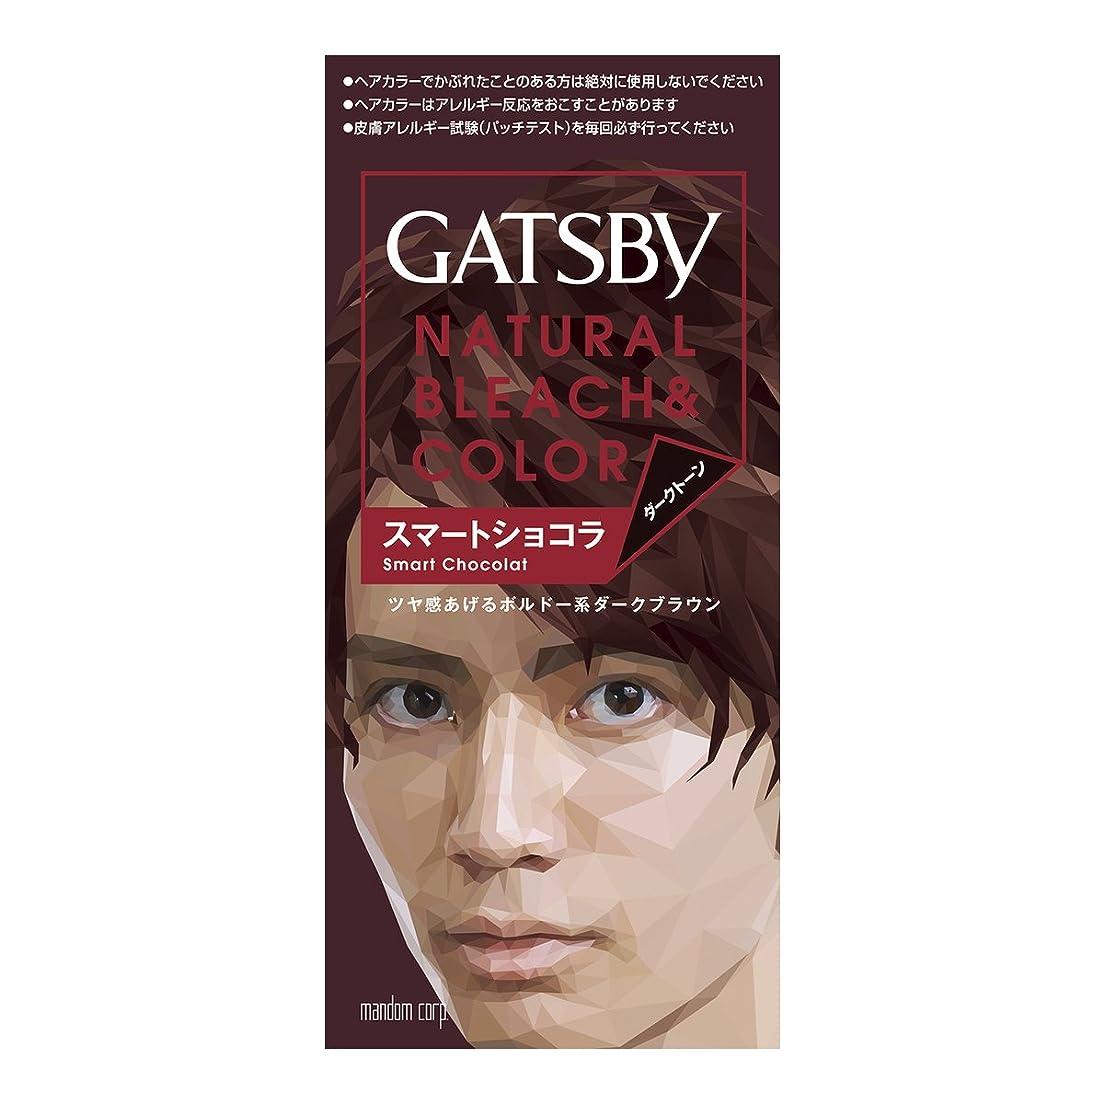 四回翻訳者オピエートギャツビー ナチュラルブリーチカラー スマートショコラ 35g+70mL (医薬部外品)